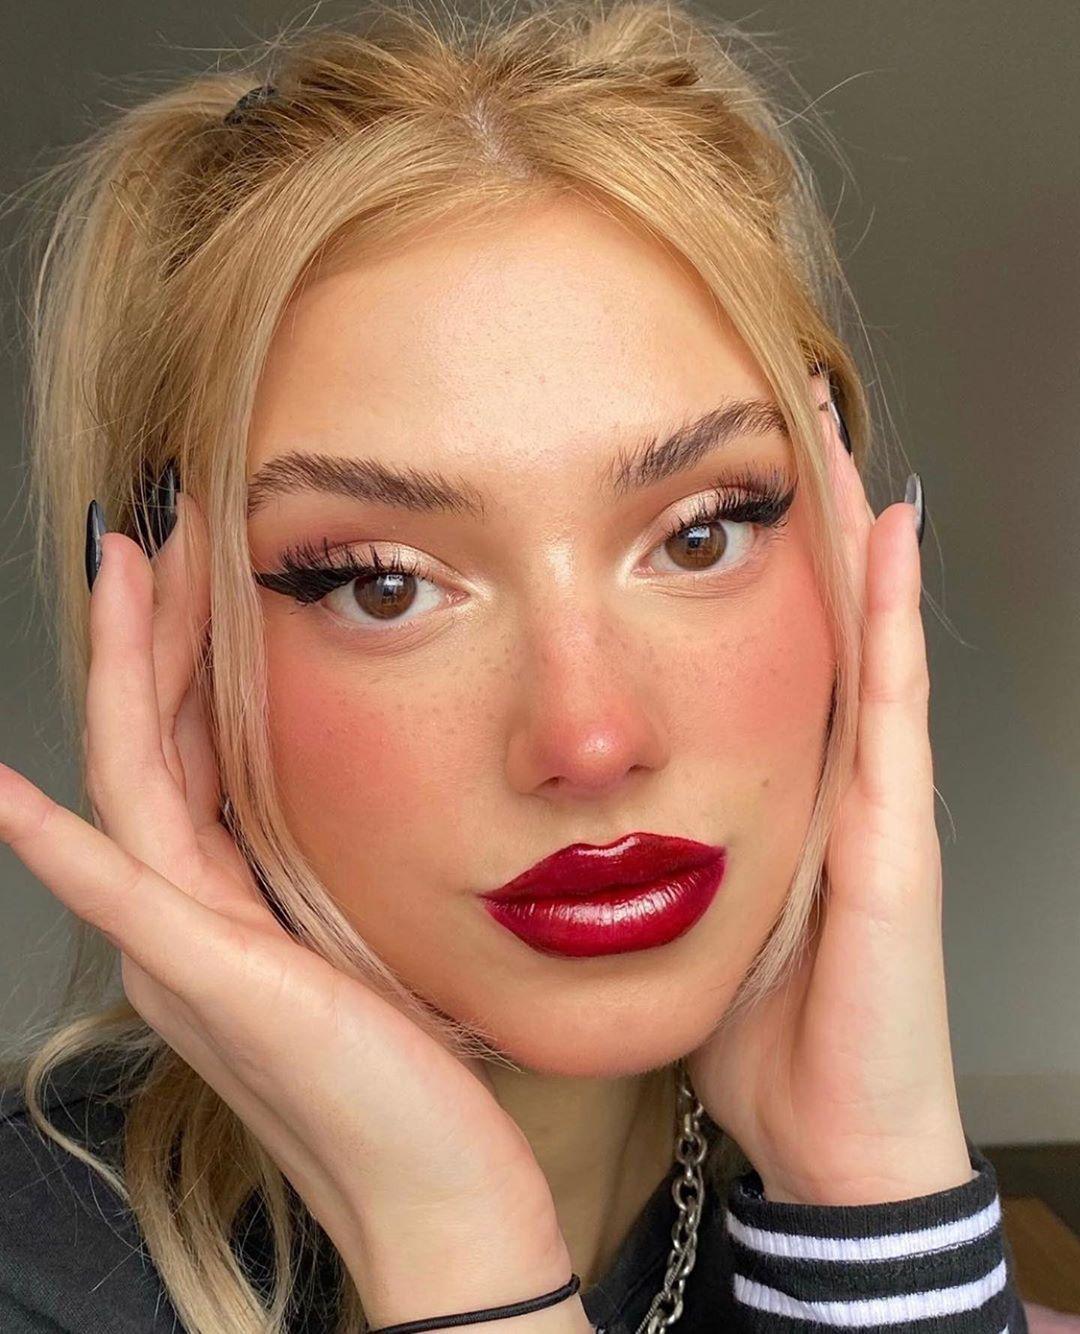 Curso De Maquiagem Online Com Certificado Em 2020 Maquiagem Grunge Maquiagem Para O Dia A Dia Visuais De Maquiagem